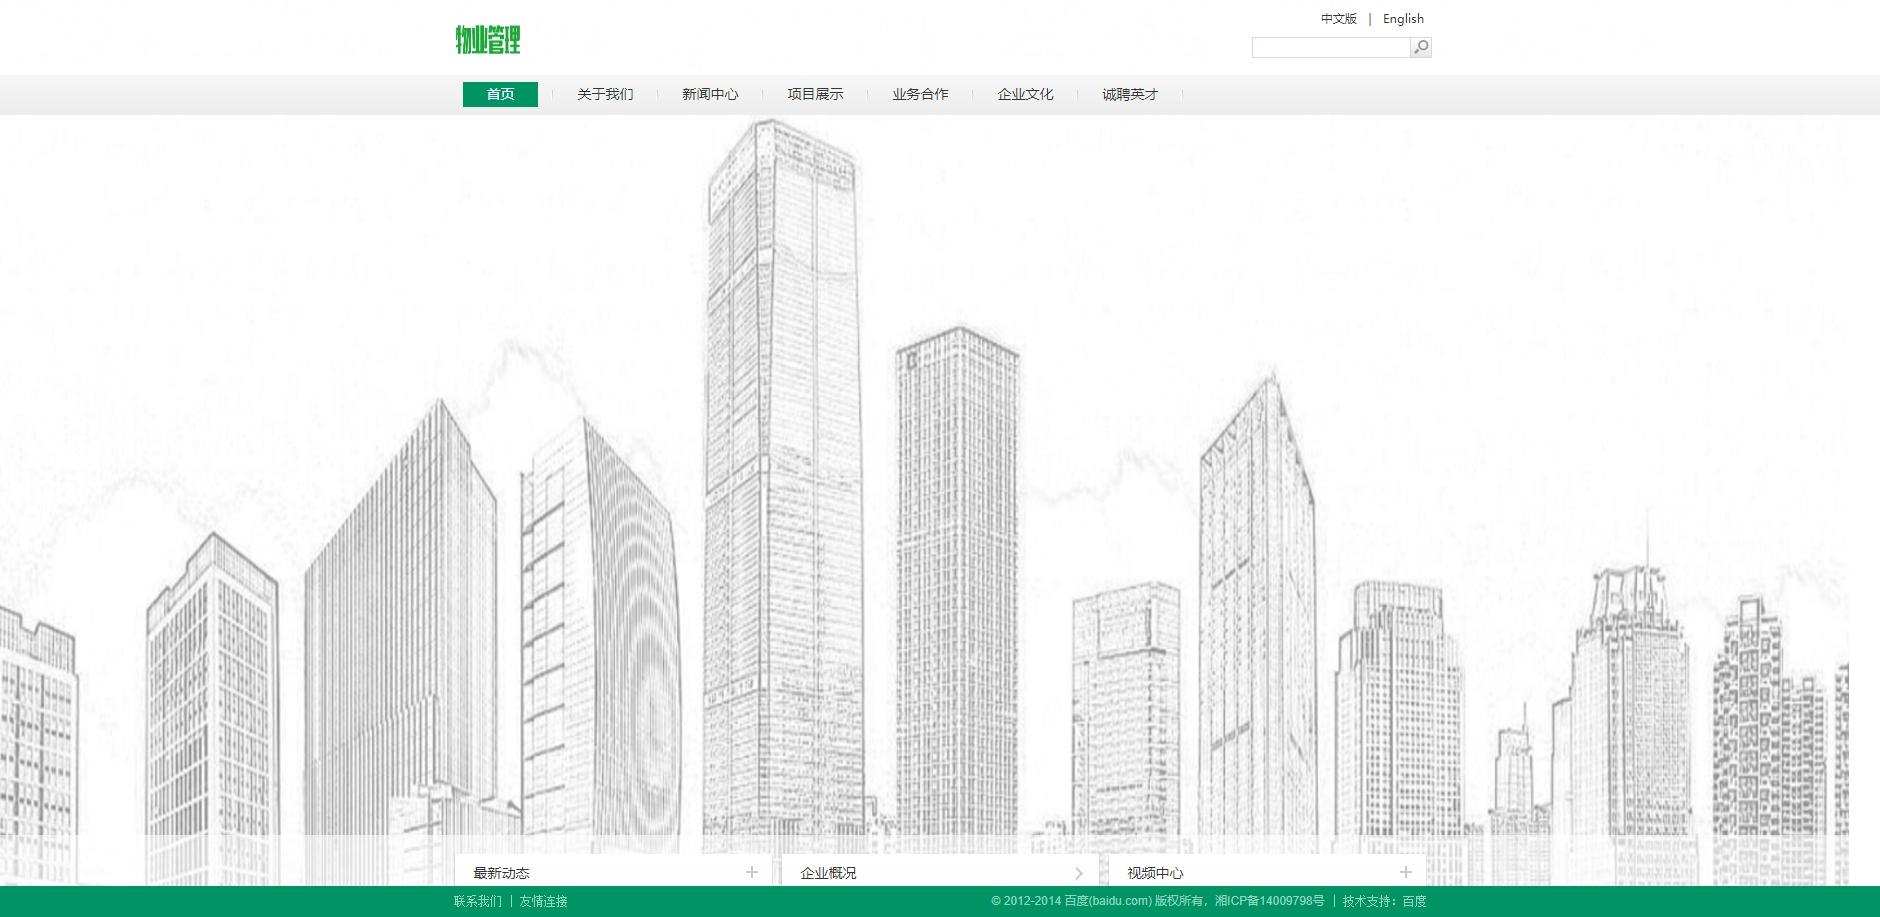 白色物业管理类企业网站通用织梦dedecms模板